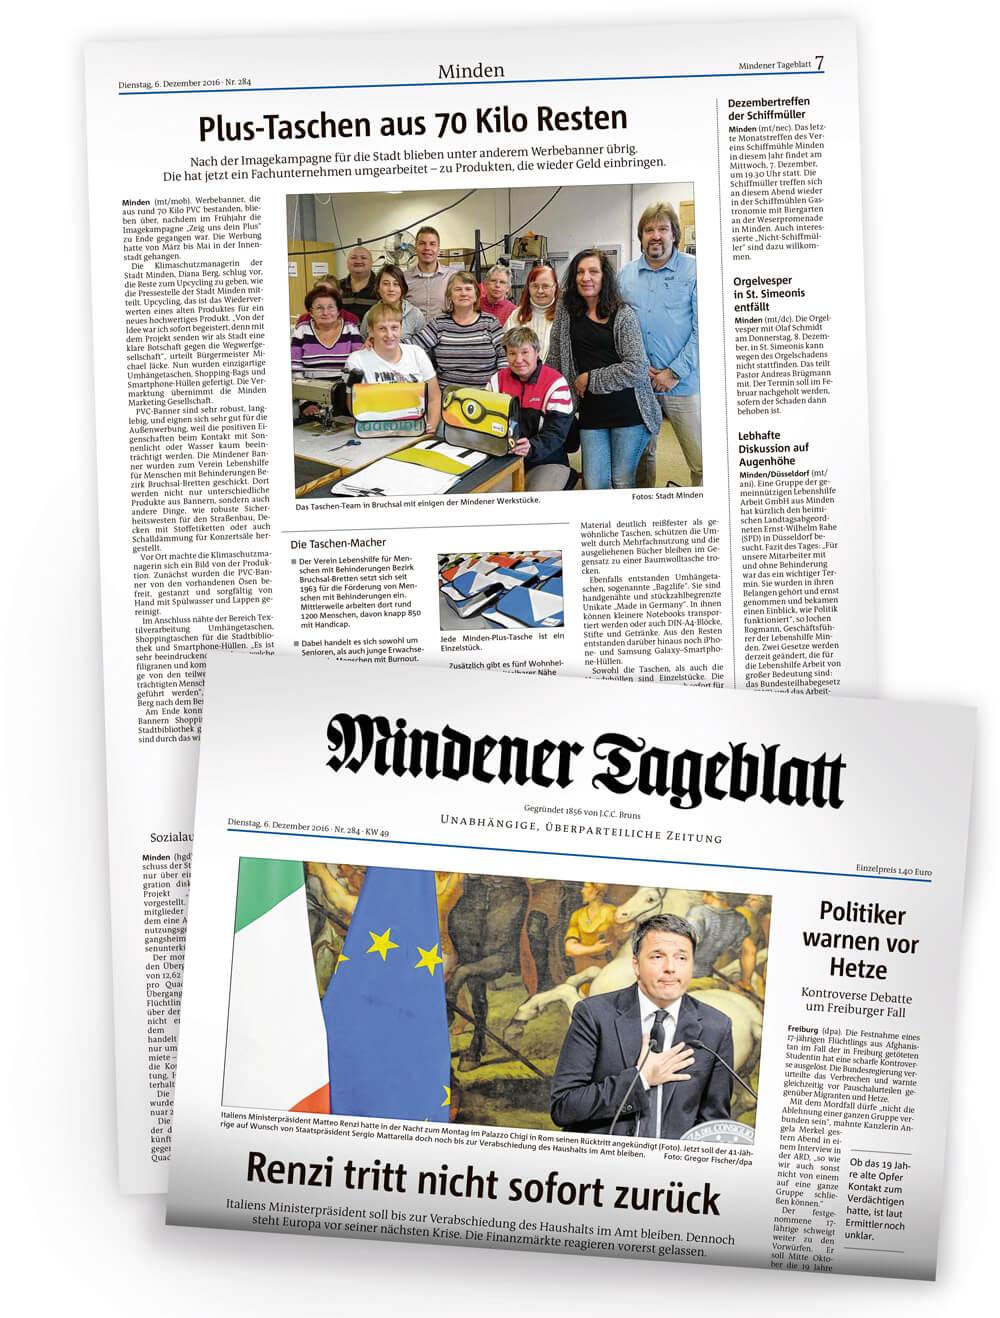 Artikel über Comebags, die Lebenshilfe Bruchsal und die Recycling Taschen im Mindener Tageblatt